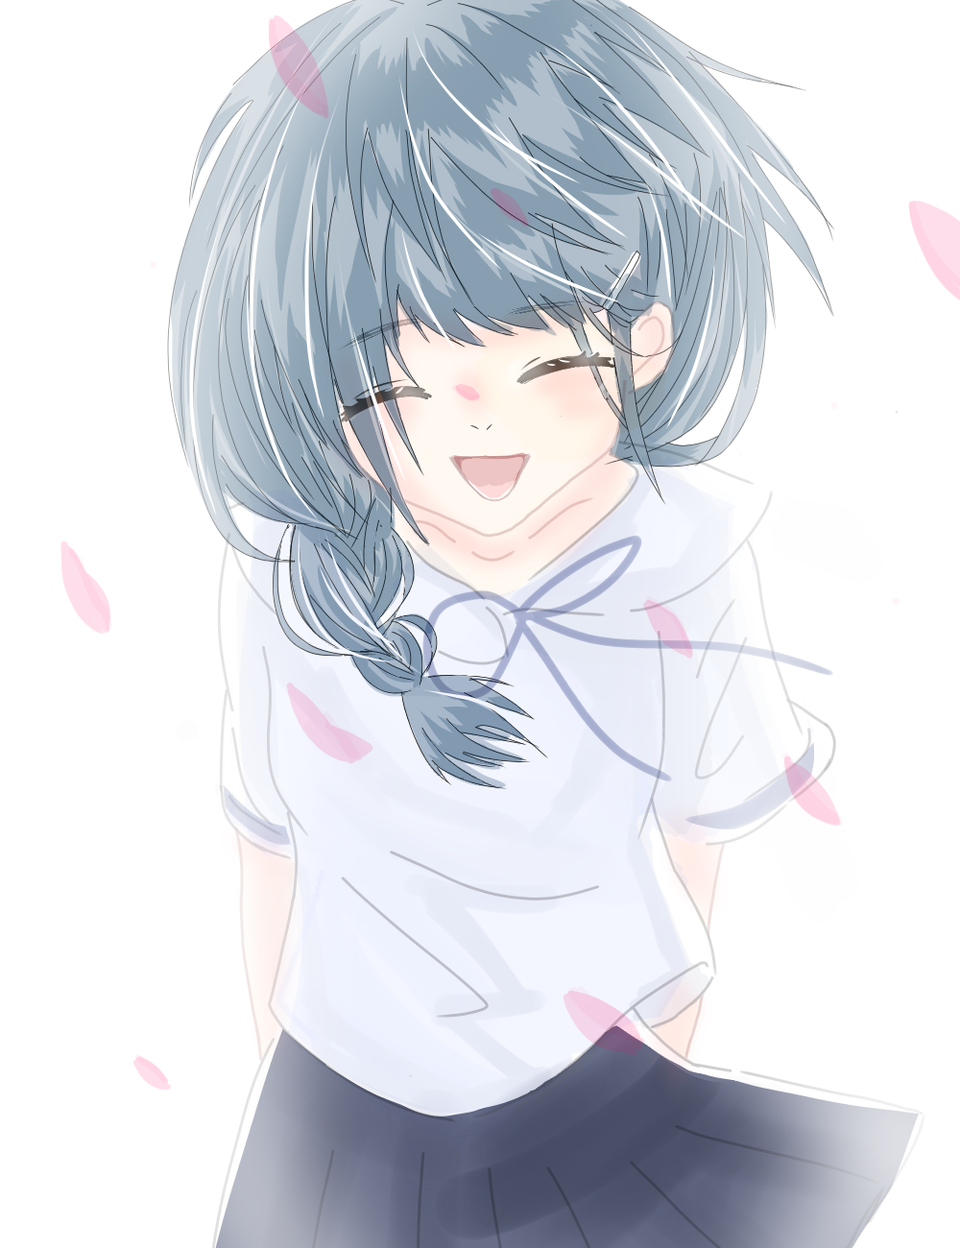 谢谢 Illust of 柒小 medibangpaint 唯美风 新人手绘 蓝色